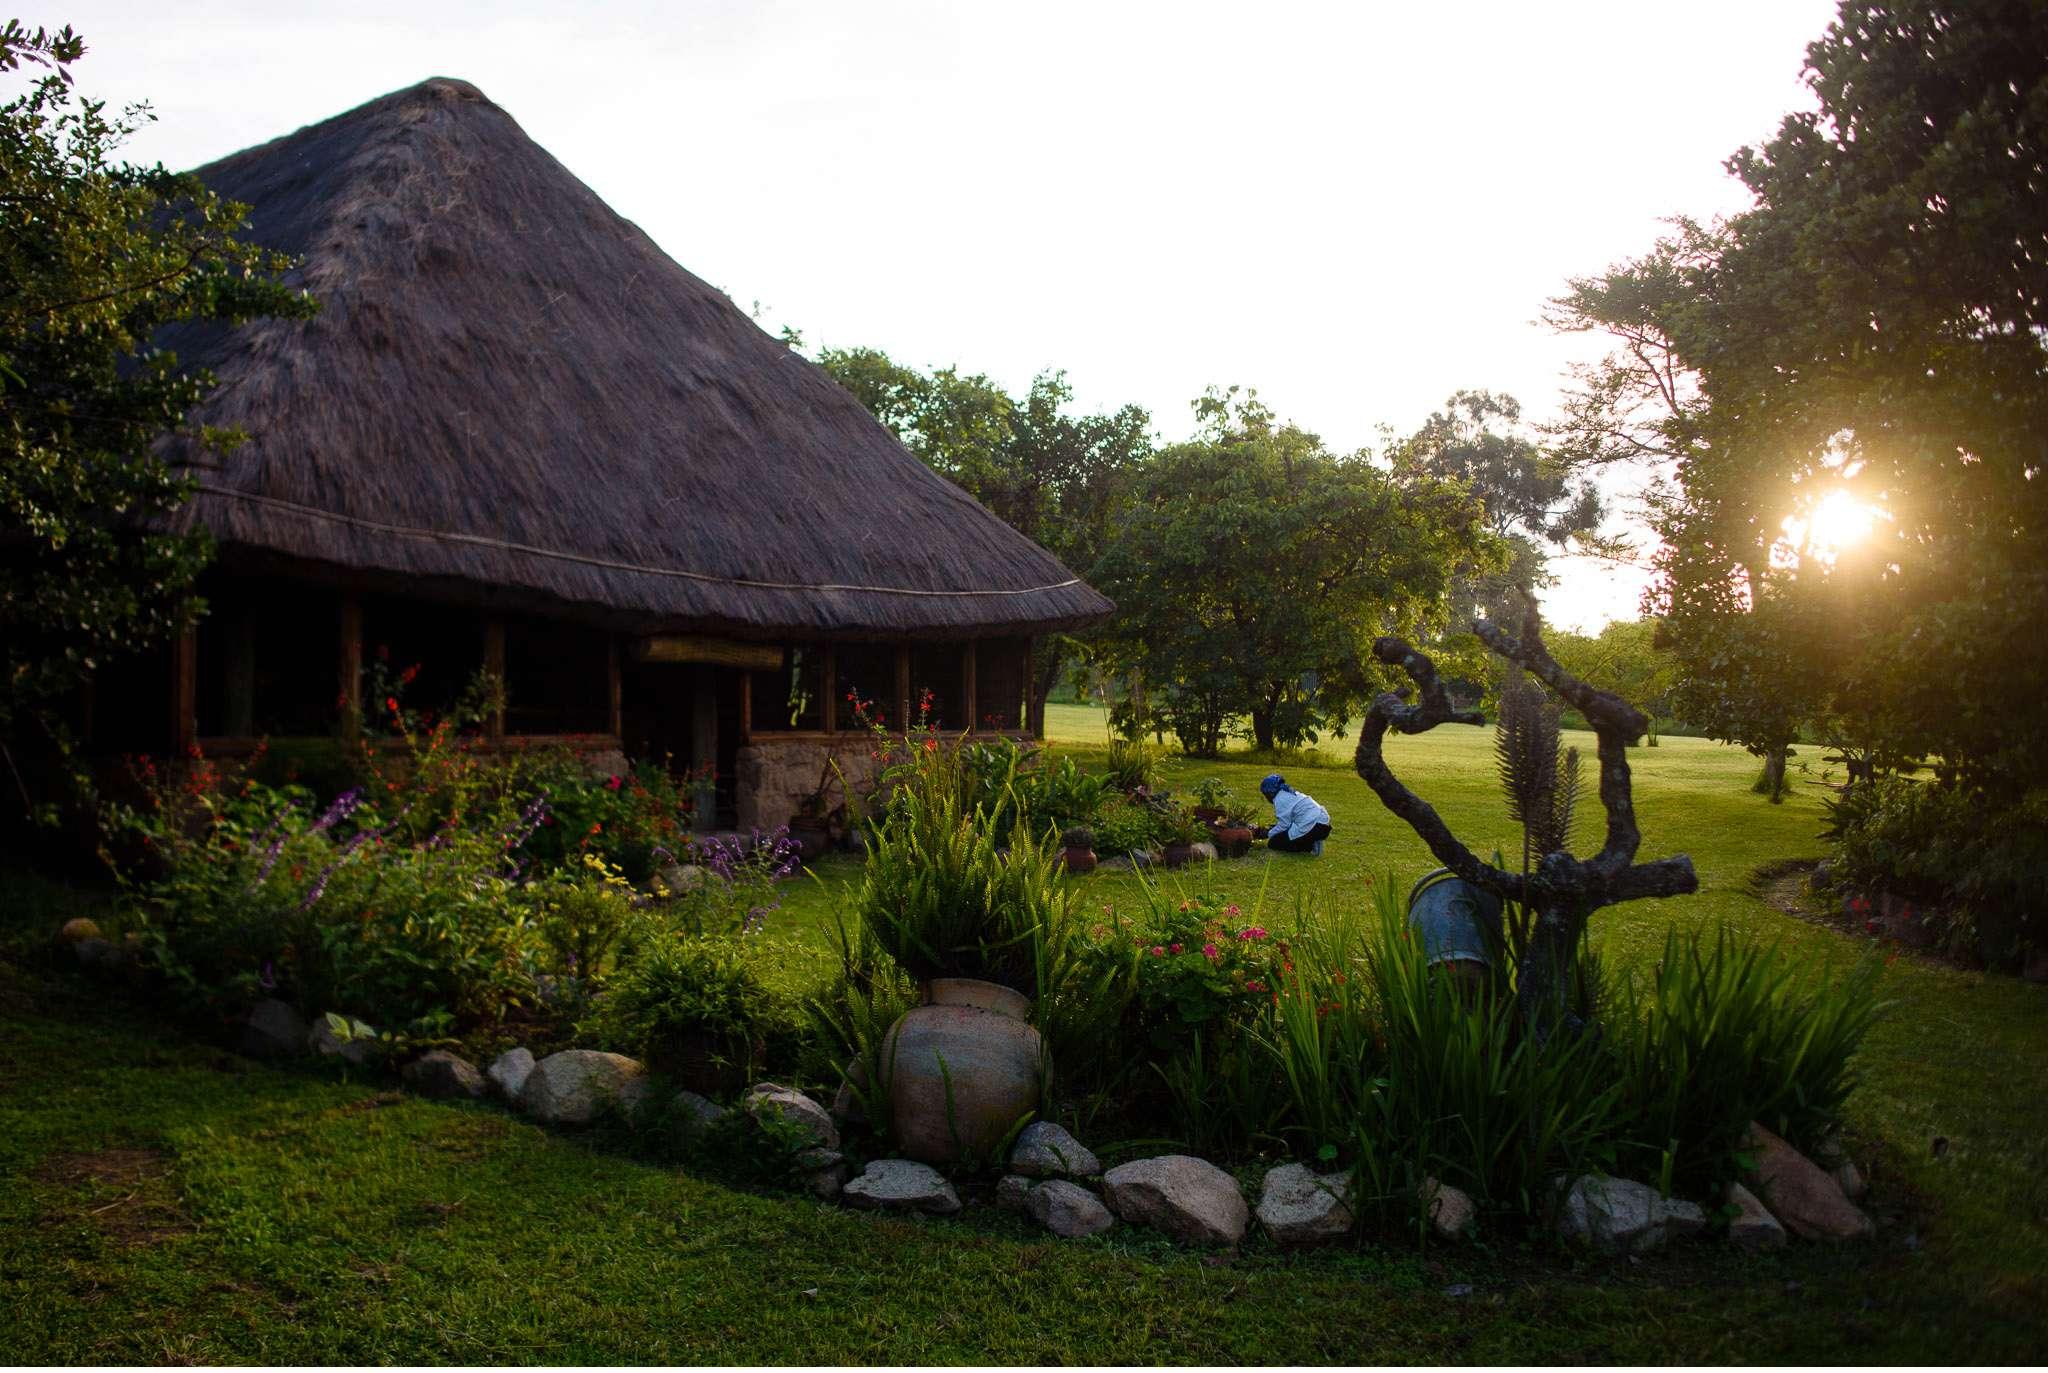 Malawi-Quer durch Afrika- Geschichten von unterwegs by Marion and Daniel-101